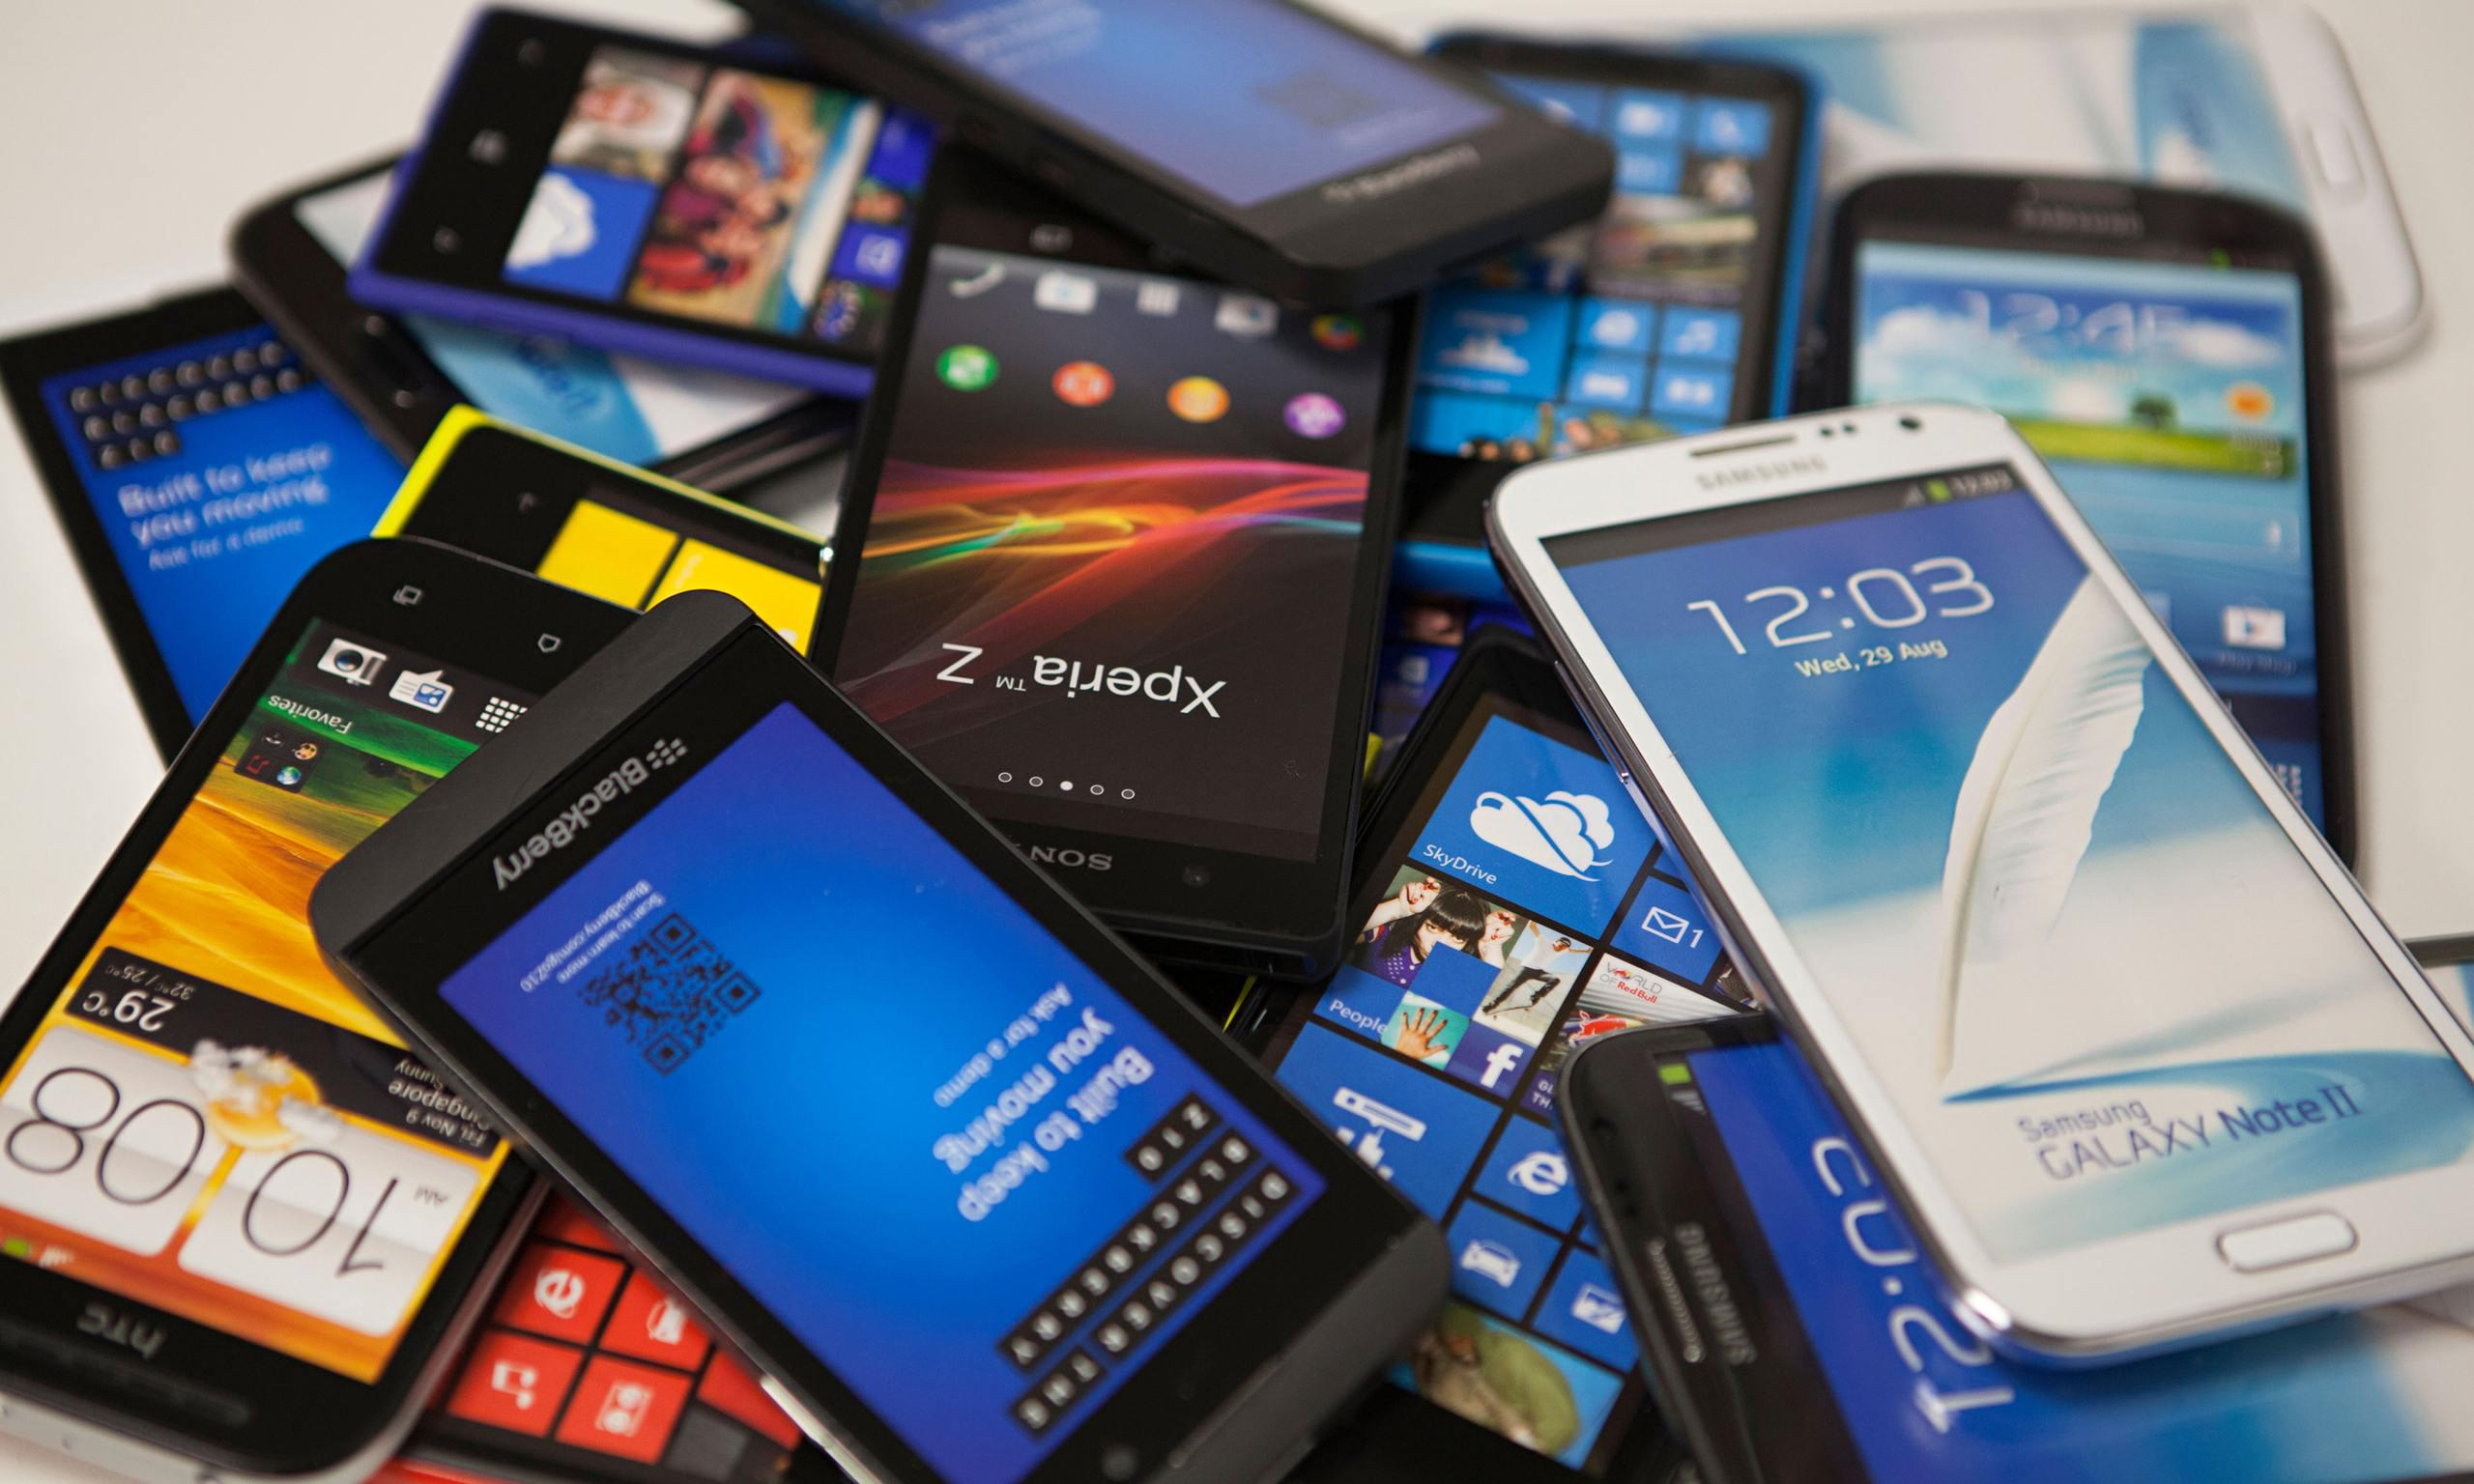 ¿Adiós recuerdos? Esta es la capacidad que los 'smartphones' matan en los adolescentes